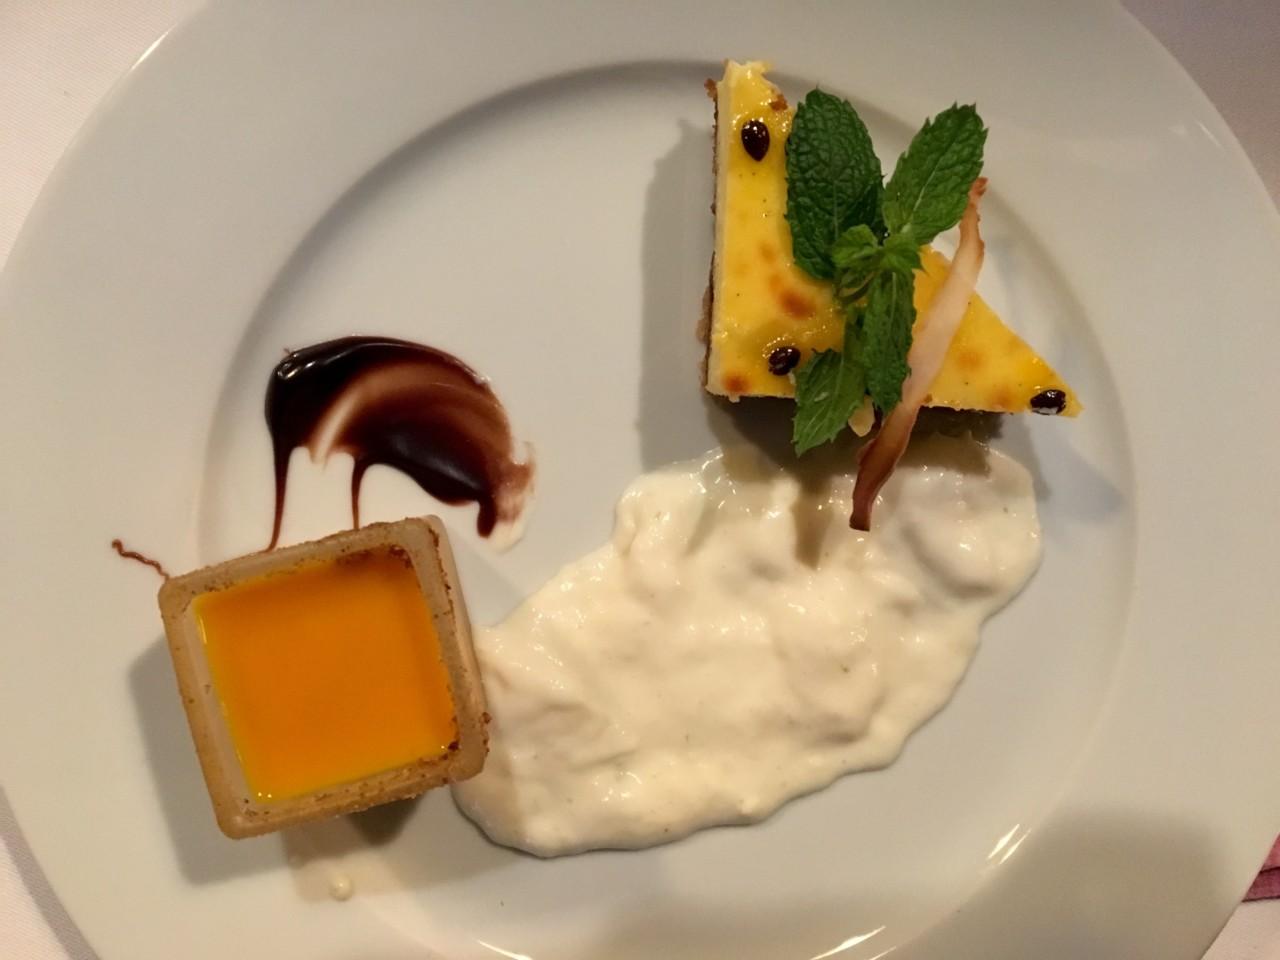 Cheesecake, Sauce und Mousse mit exotischen Früchten. Foto: Lunchgate/Simone